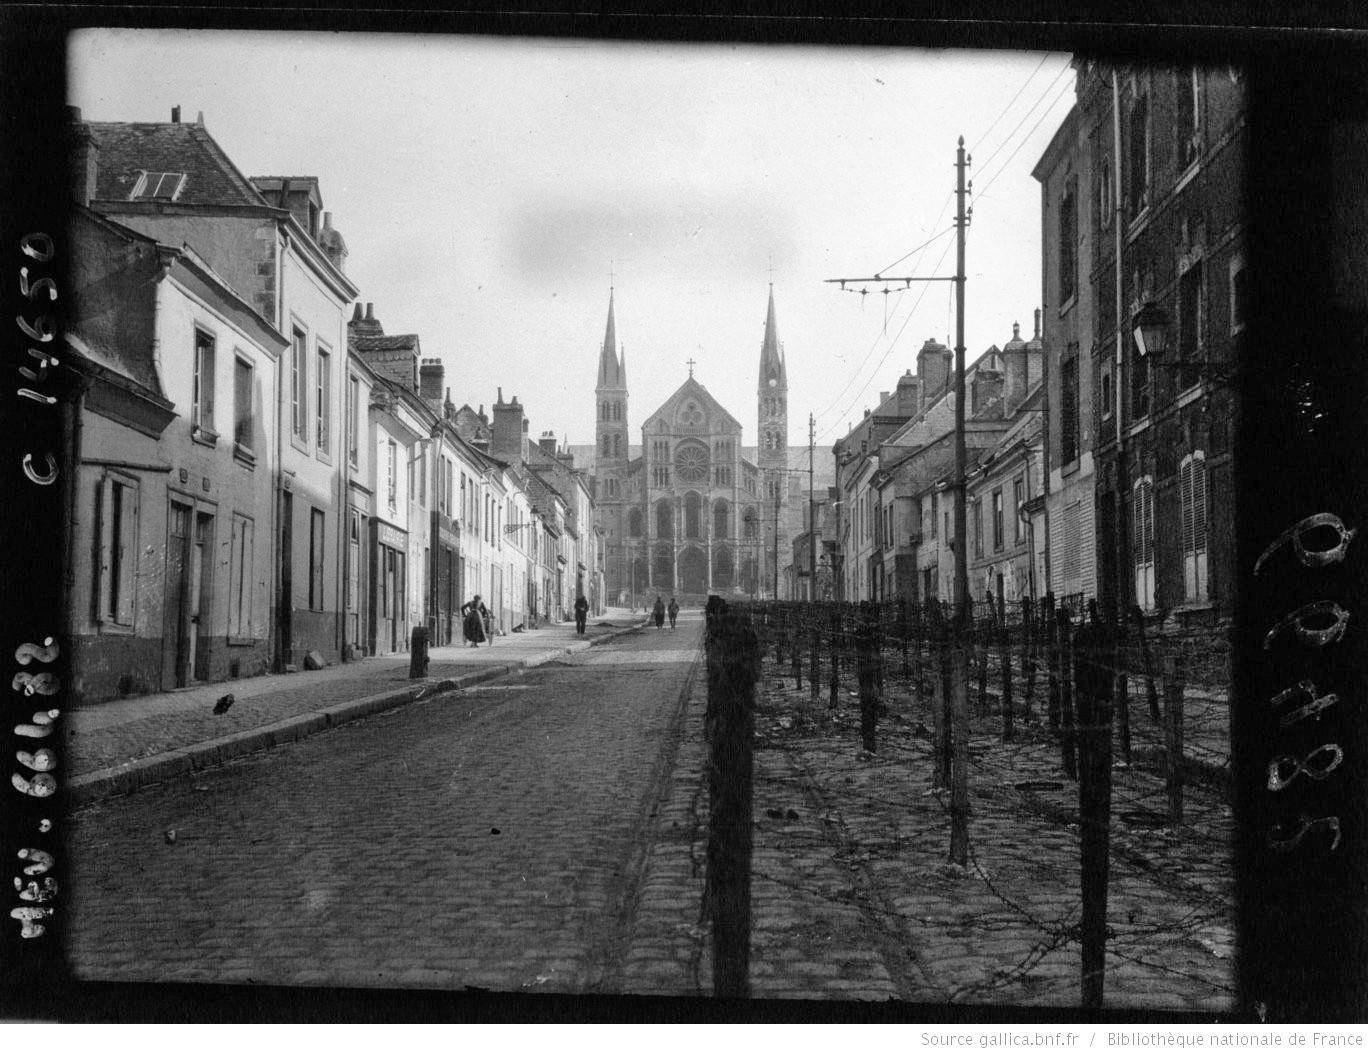 Reims, fils de fer barbelés devant l'église St-Rémi : [photographie de presse] / Agence Meurisse - Gallica-BNF